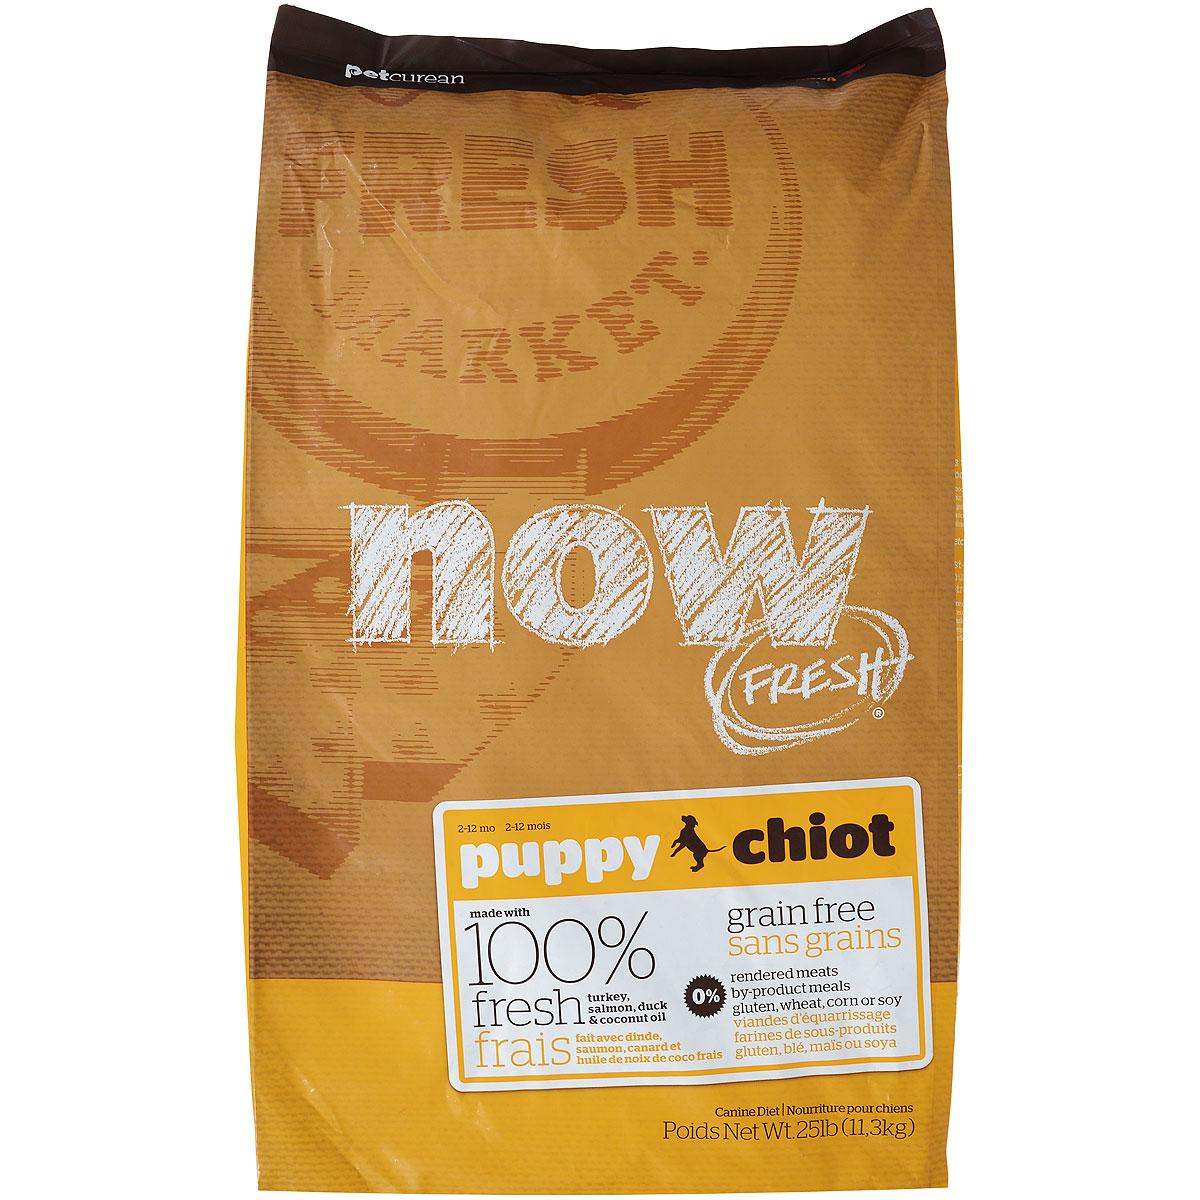 Корм сухой Now Fresh для щенков, беззерновой, с индейкой, уткой и овощами, 11,3 кг10111Now Fresh - полностью сбалансированный холистик корм для щенков всех пород из филе индейки, утки и лосося. Это первый беззерновой корм со сбалансированным содержание белков и жиров. Ключевые преимущества: - не содержит субпродуктов, красителей, говядины, мясных ингредиентов, выращенных на гормонах, - омега-масла в составе необходимы для здоровой кожи и шерсти, - пробиотики и пребиотики обеспечивают здоровое пищеварение, - антиоксиданты укрепляют иммунную систему. Состав: филе индейки, картофель, горох, свежие цельные яйца, томаты, масло канолы (источник витамина Е), семена льна, натуральный ароматизатор, филе лосося, утиное филе, кокосовое масло (источник витамина Е), яблоки, морковь, тыква, бананы, черника, клюква, малина, ежевика, папайя, ананас, грейпфрут, чечевица, брокколи, шпинат, творог, ростки люцерны, дикальций фосфат, люцерна, карбонат кальция, фосфорная кислота, натрия хлорид, лецитин, хлорид калия, DL-метионин,...